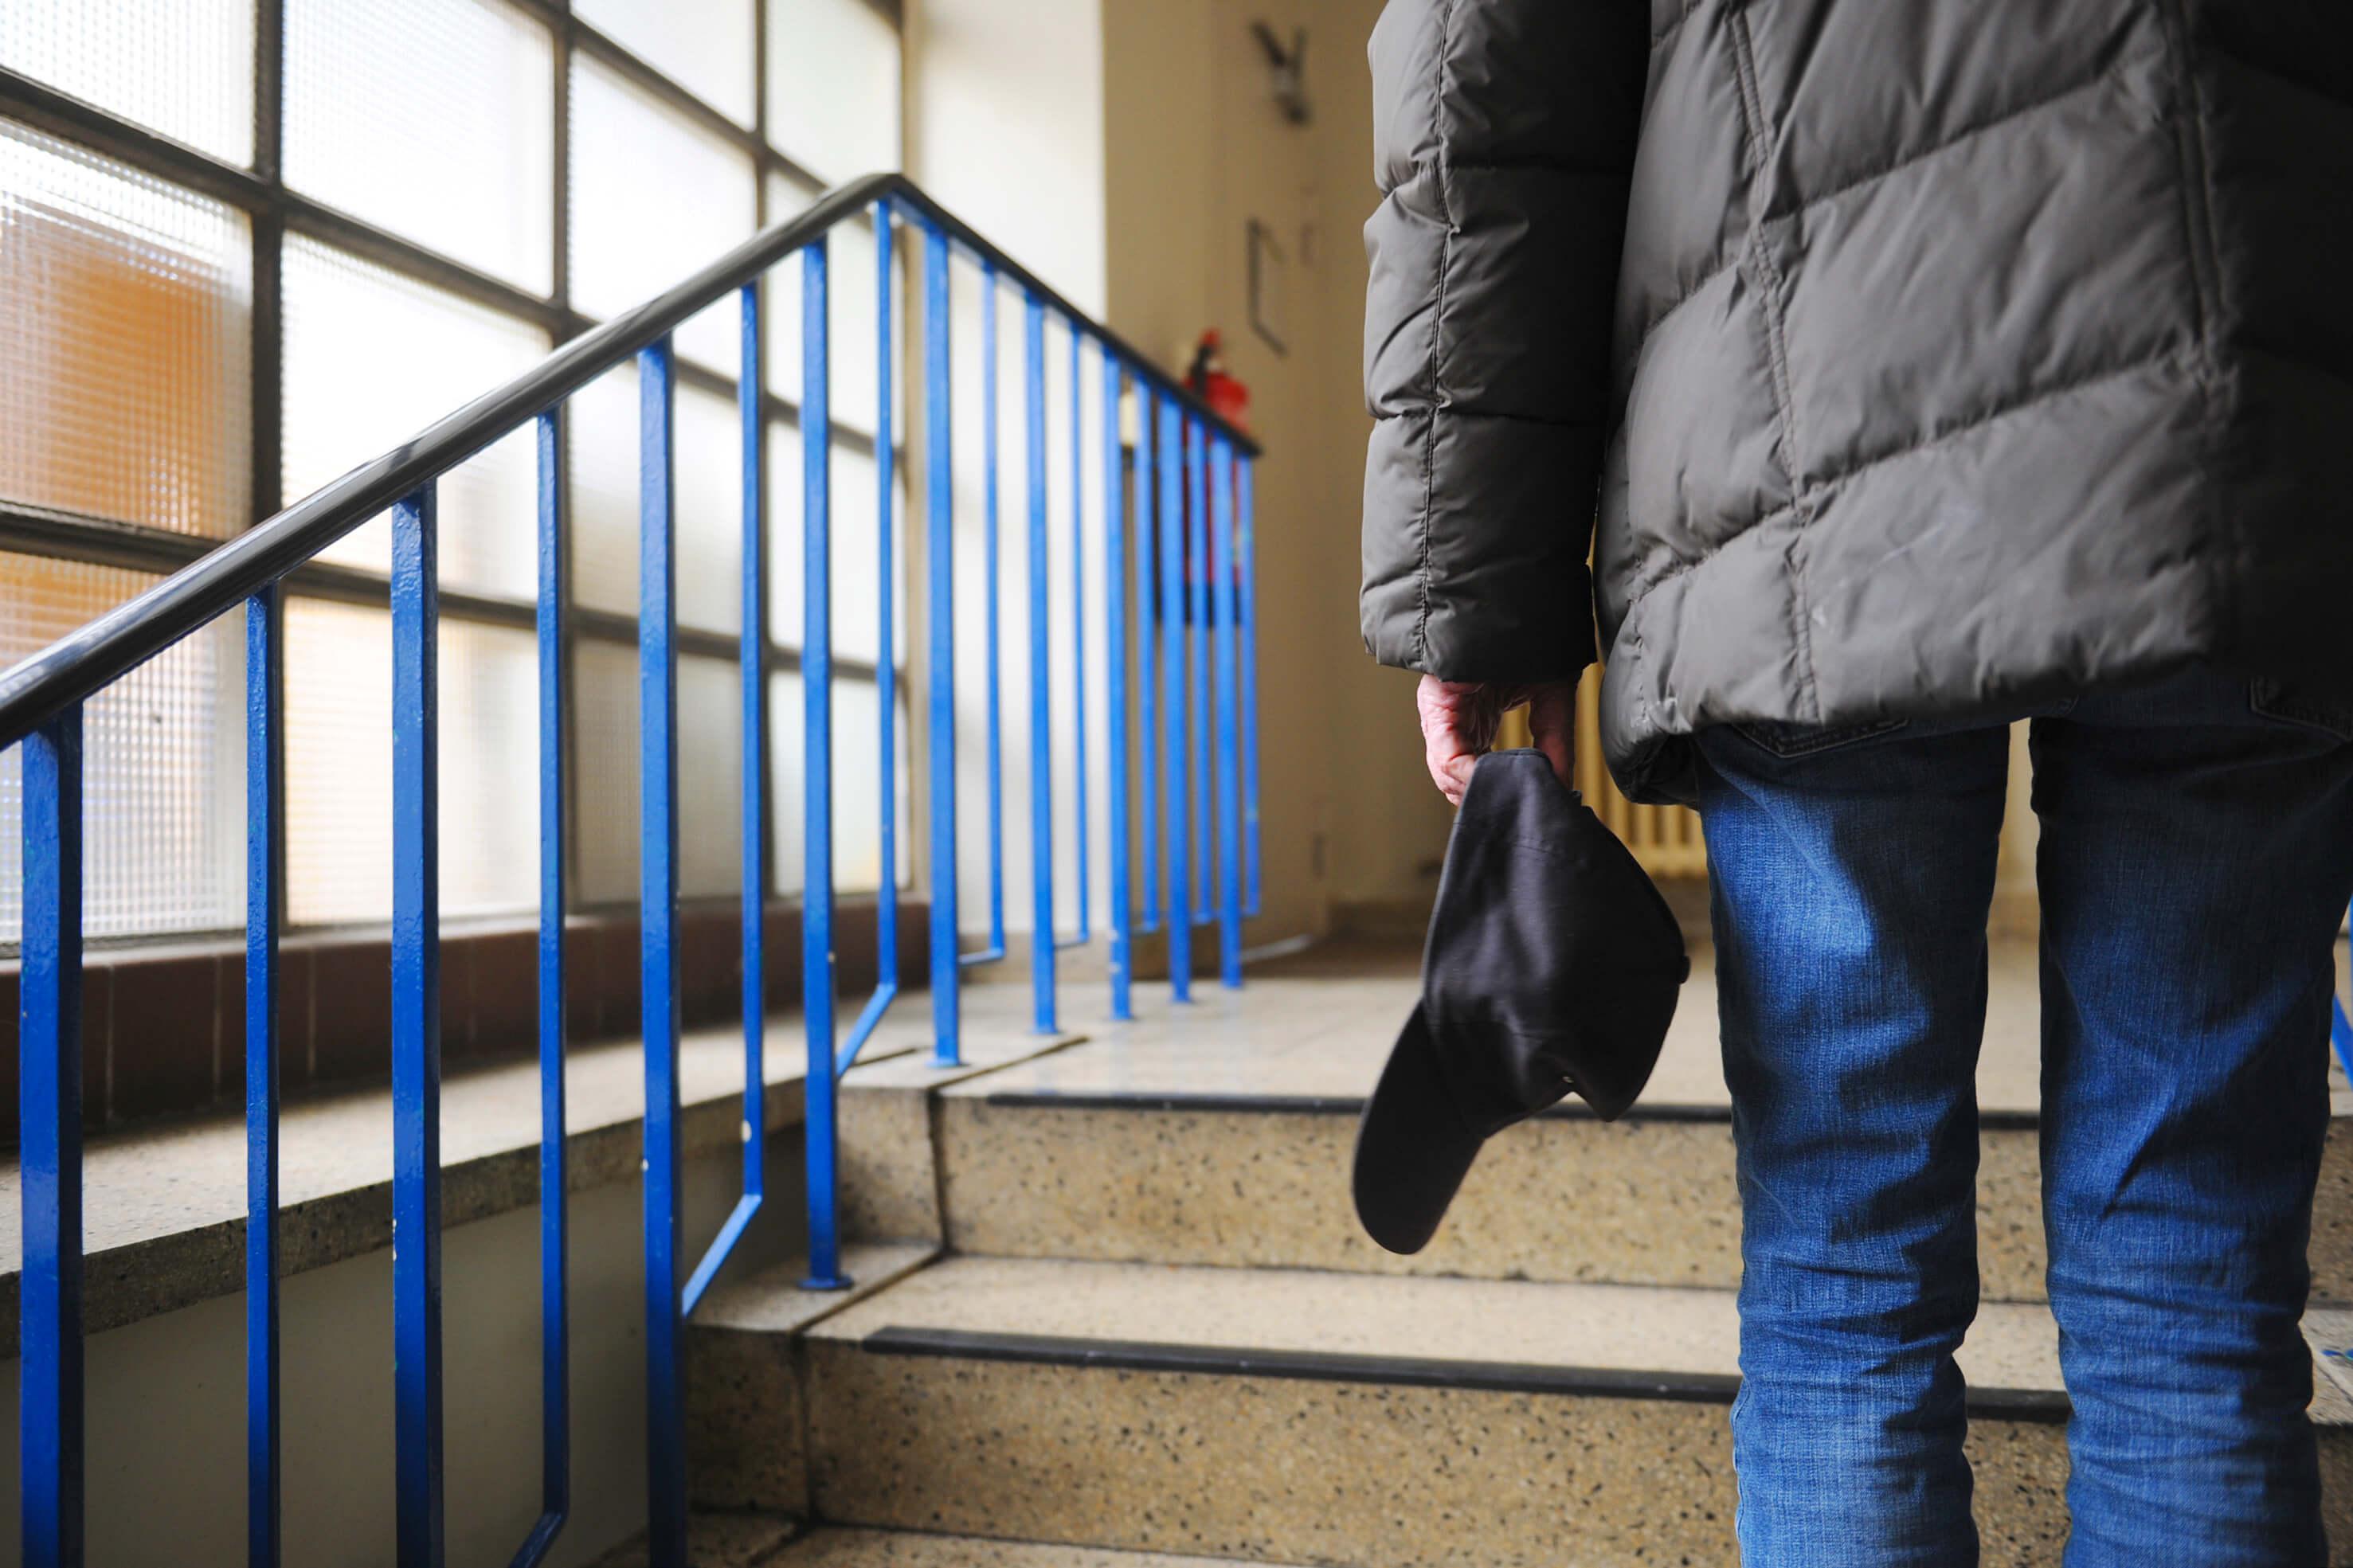 Obdachloser Mann auf der Treppe in der Einrichtung des Berliner Wohnforums